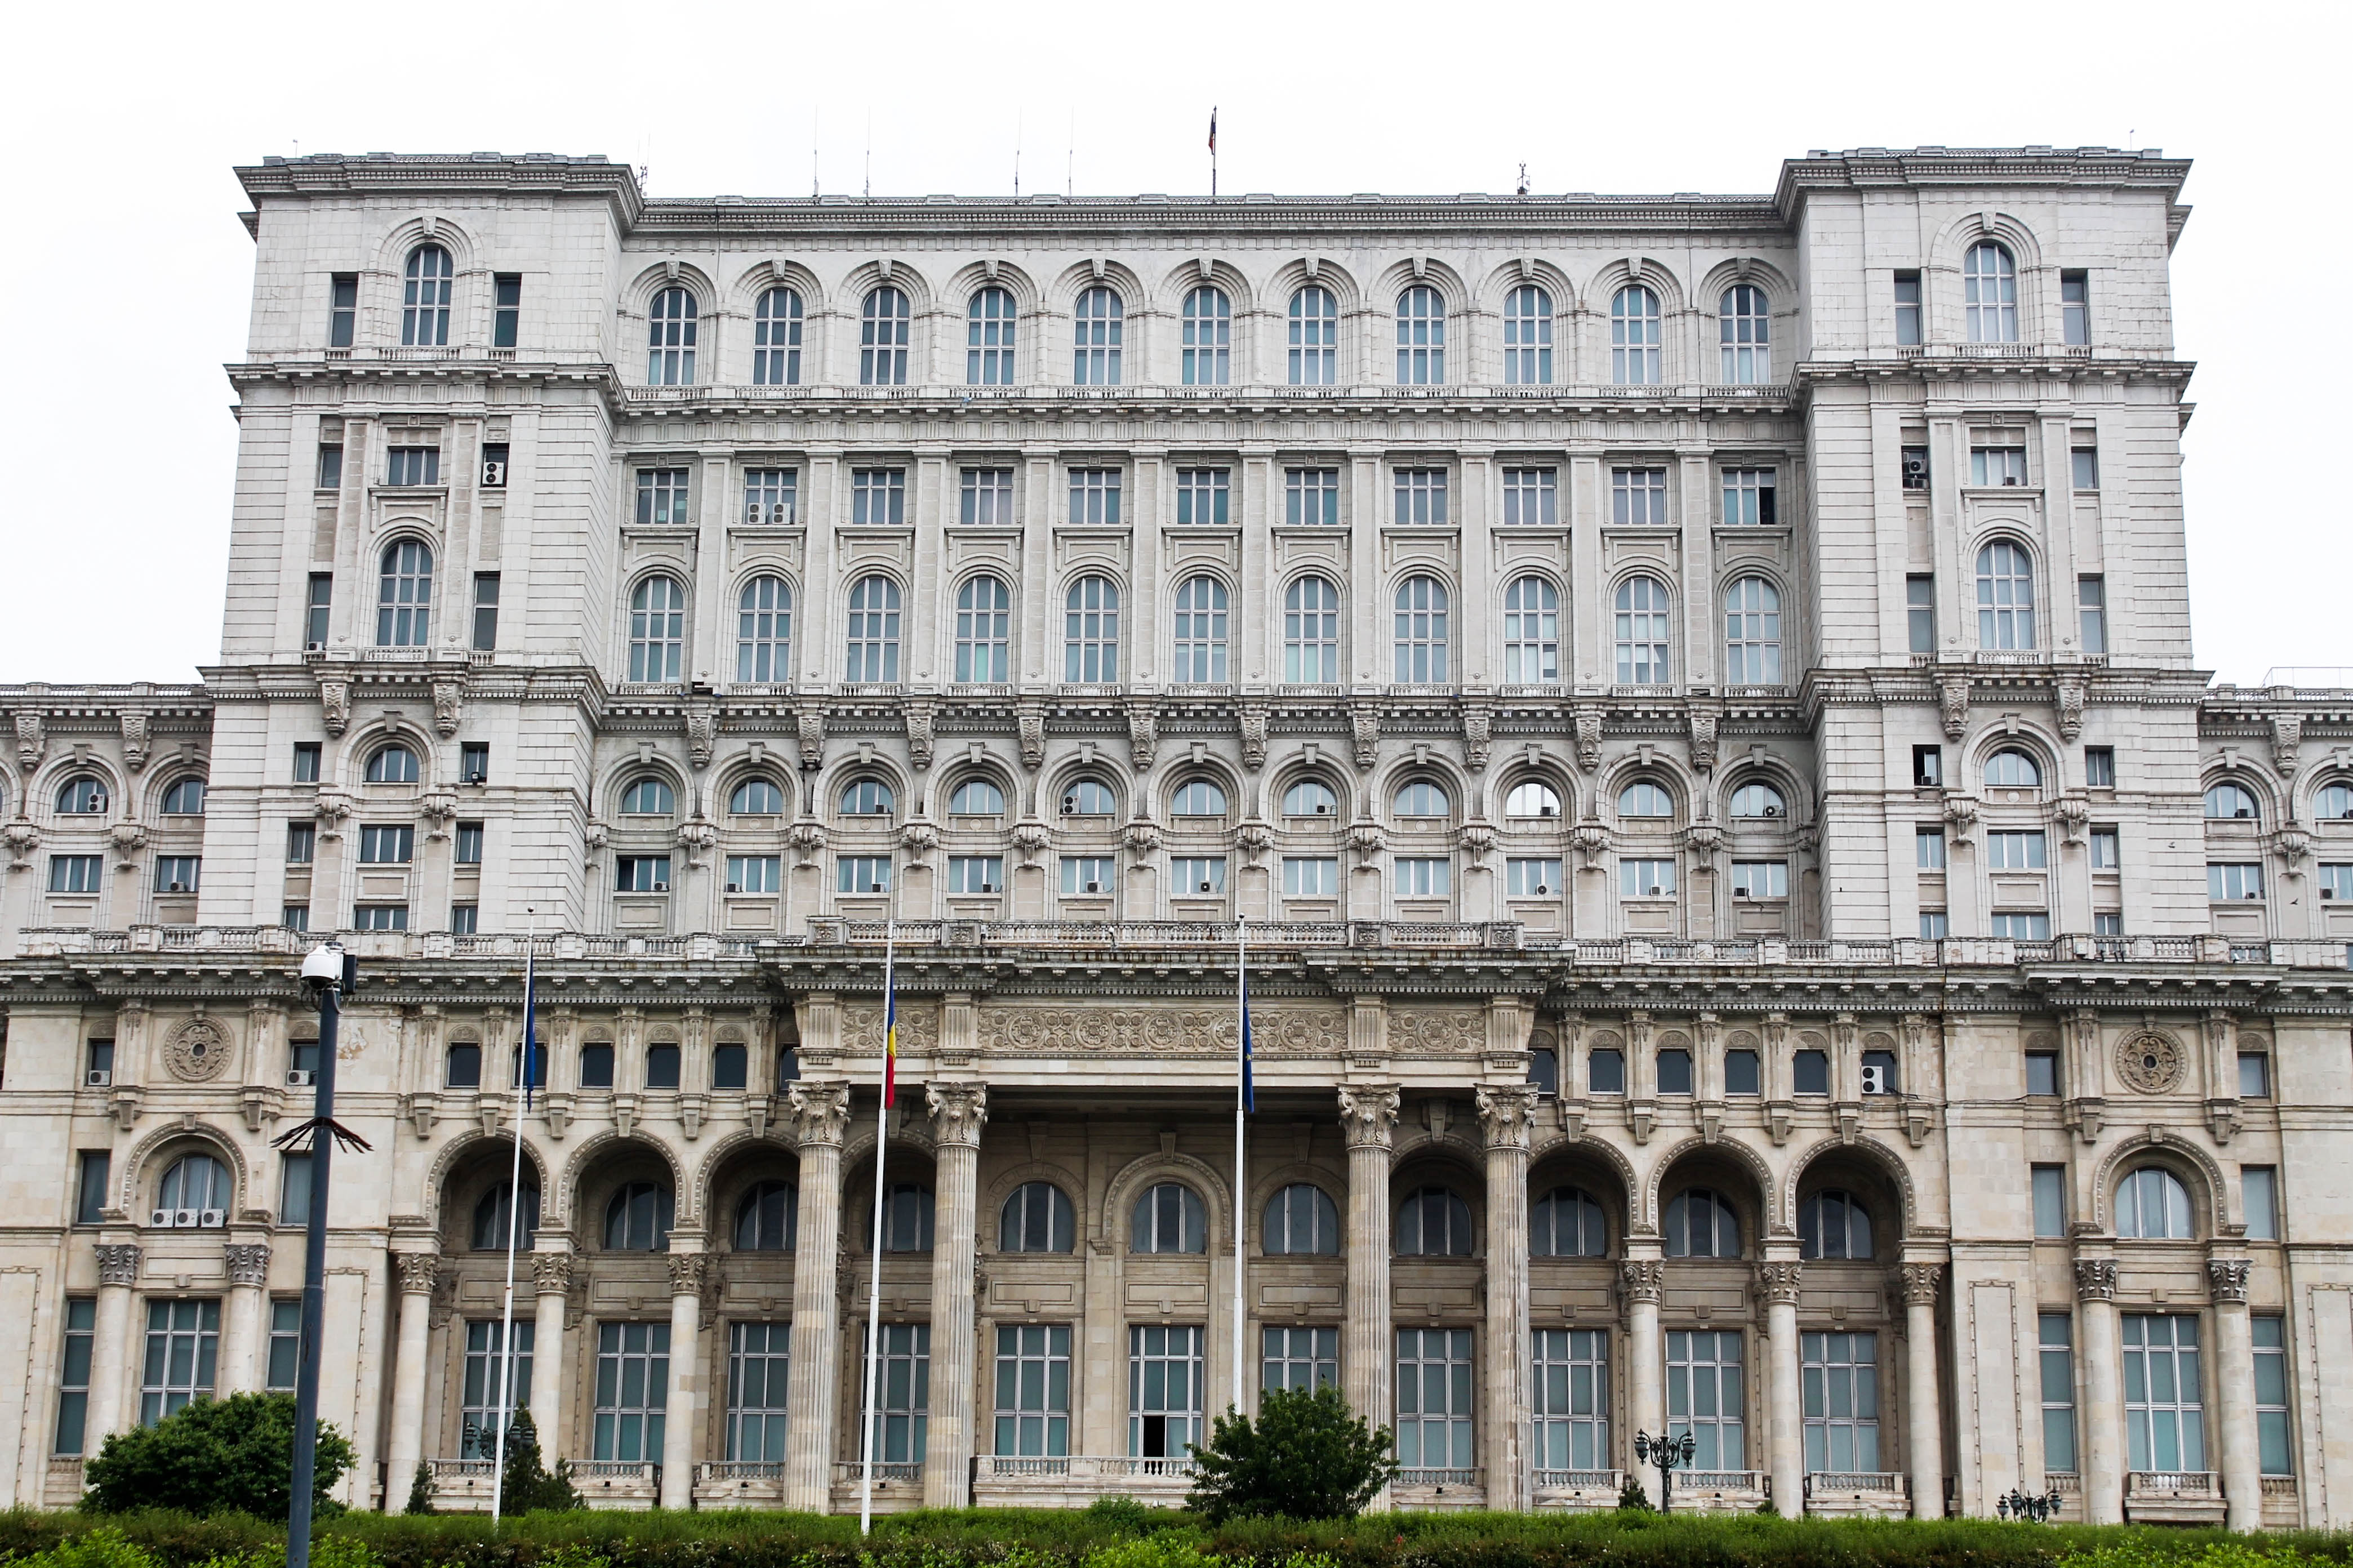 Bucharest, Romania: Parliament Palace building communism tour